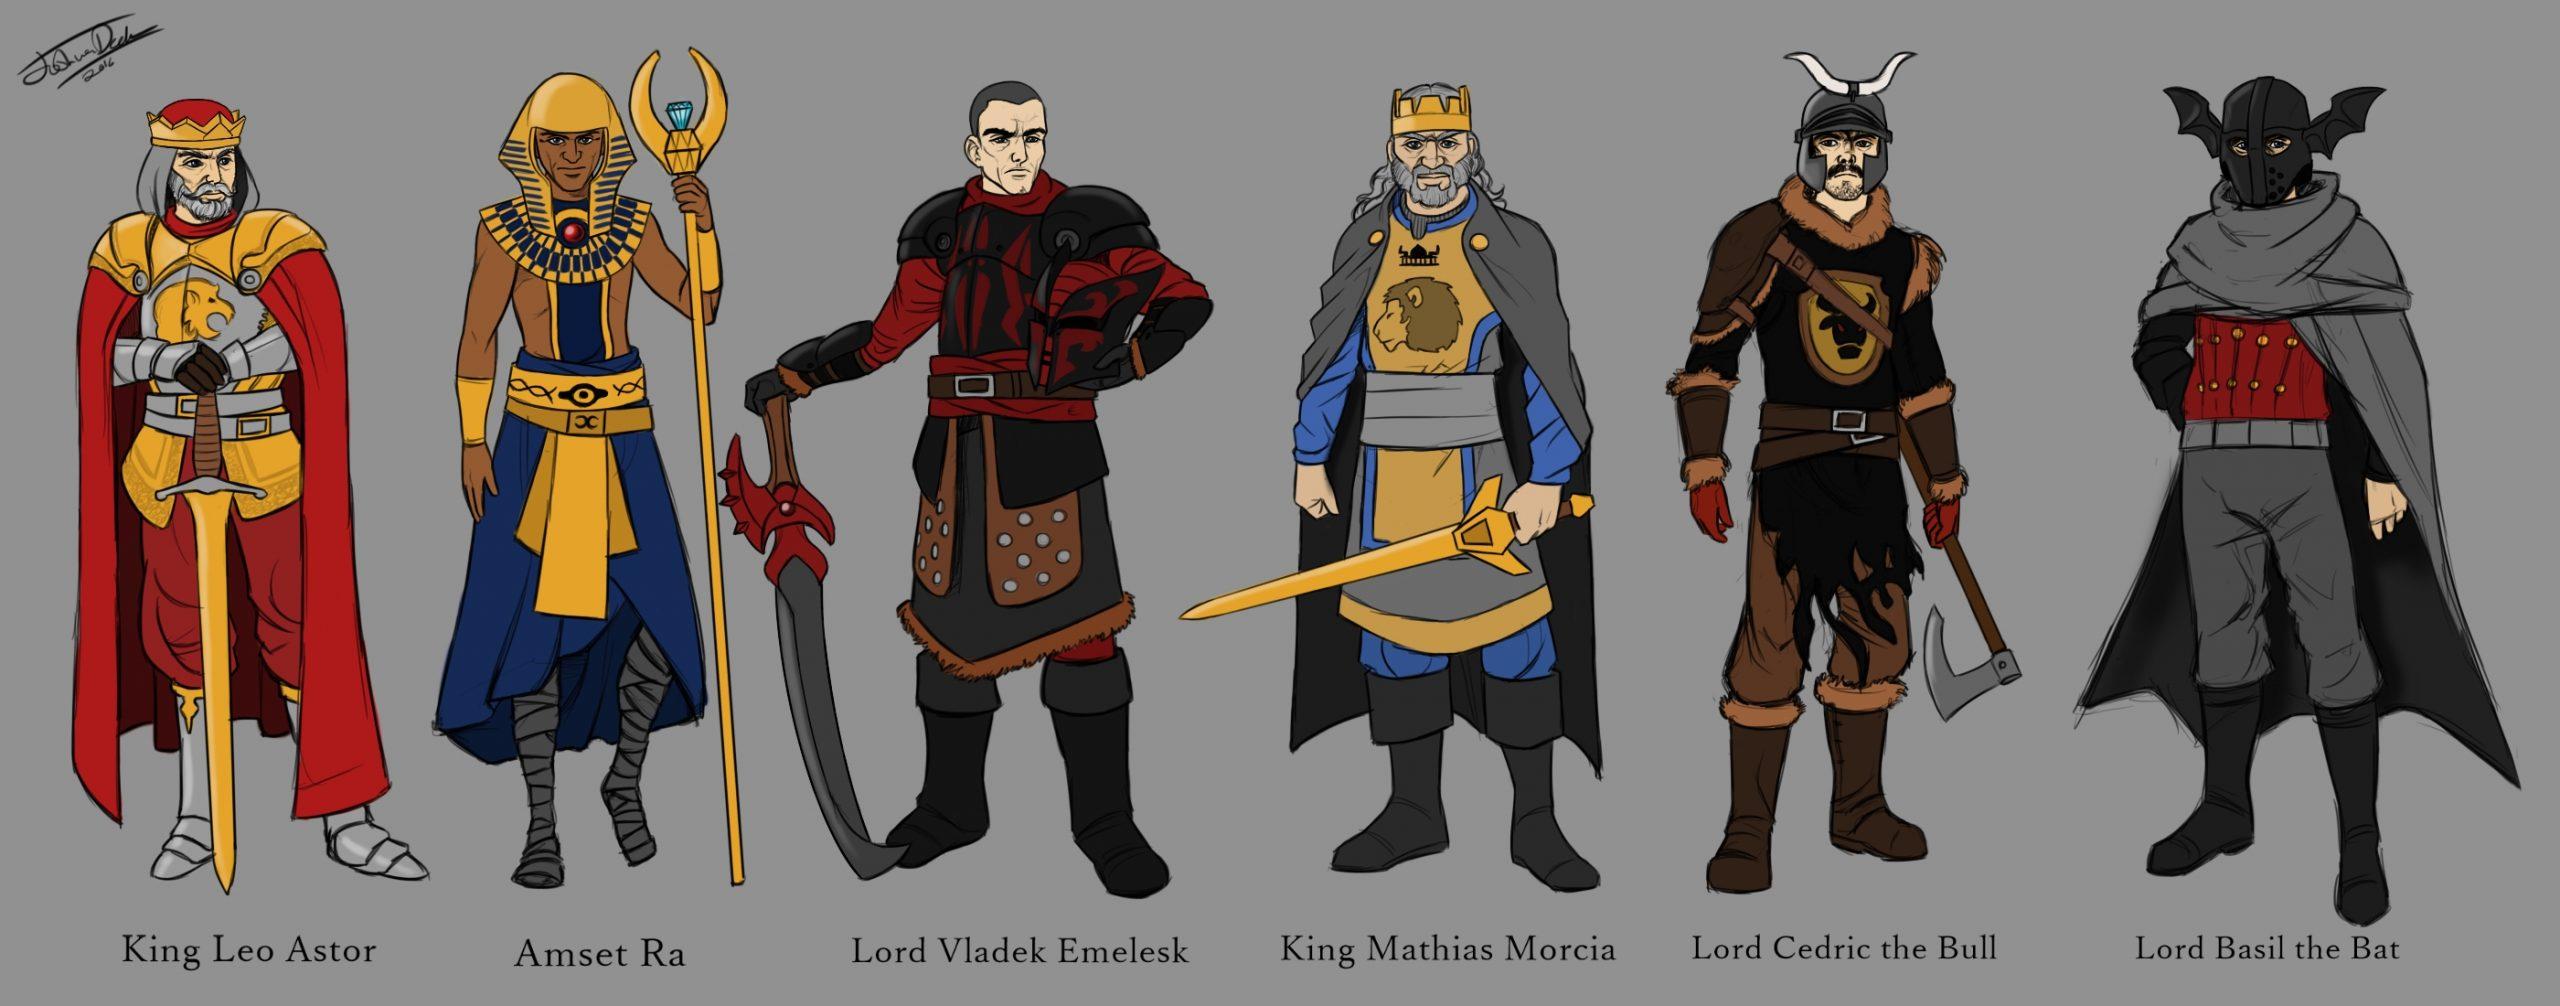 چه کسی اولین پادشاه دنیا بود؟